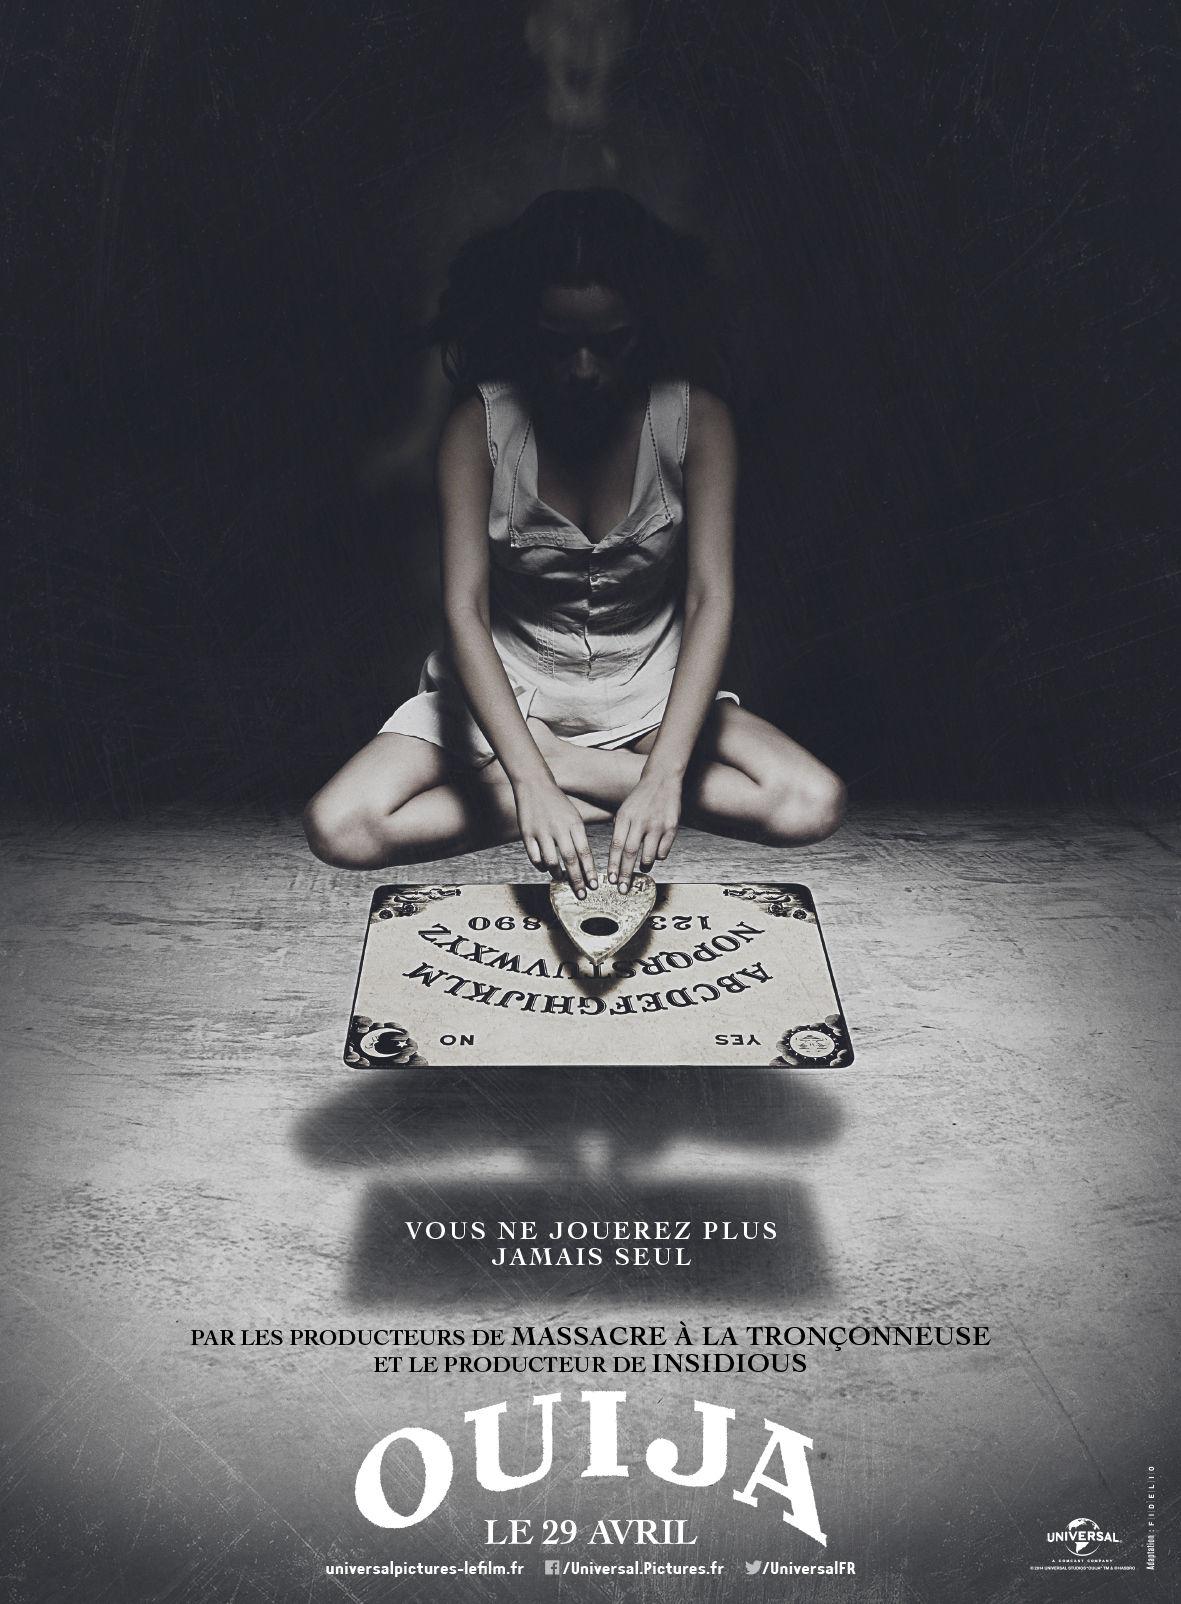 Ouija_affiche